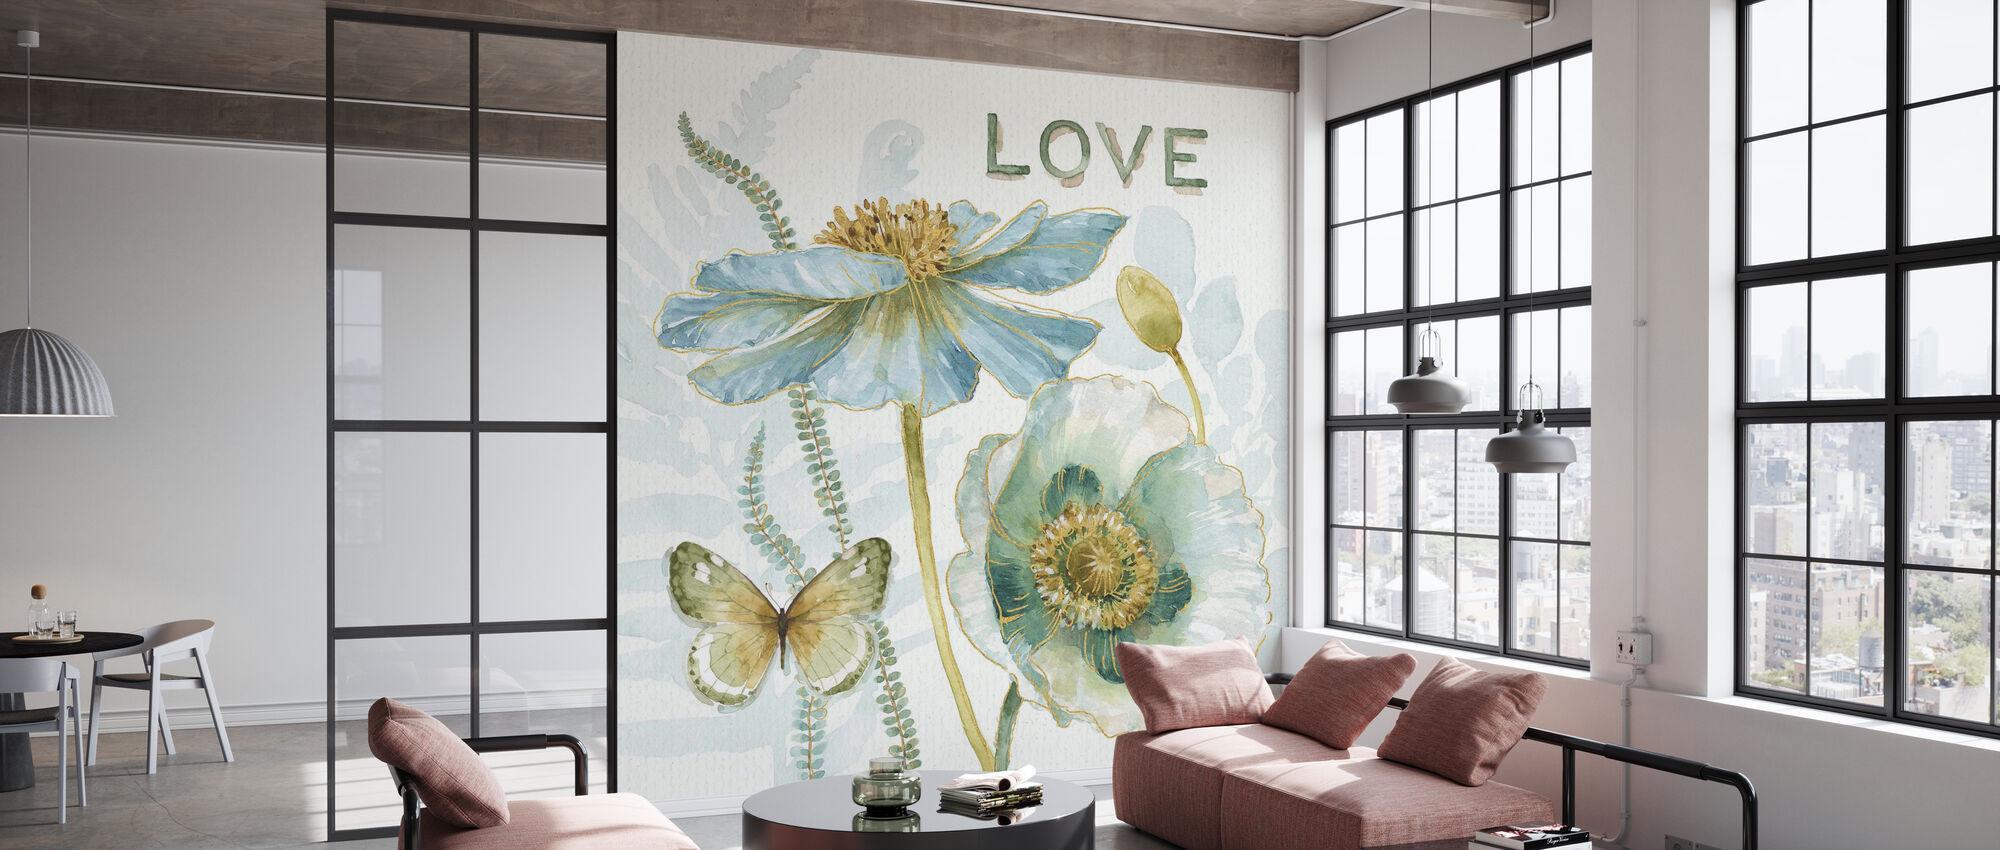 Mine drivhus Blomster - Kjærlighet - Tapet - Kontor